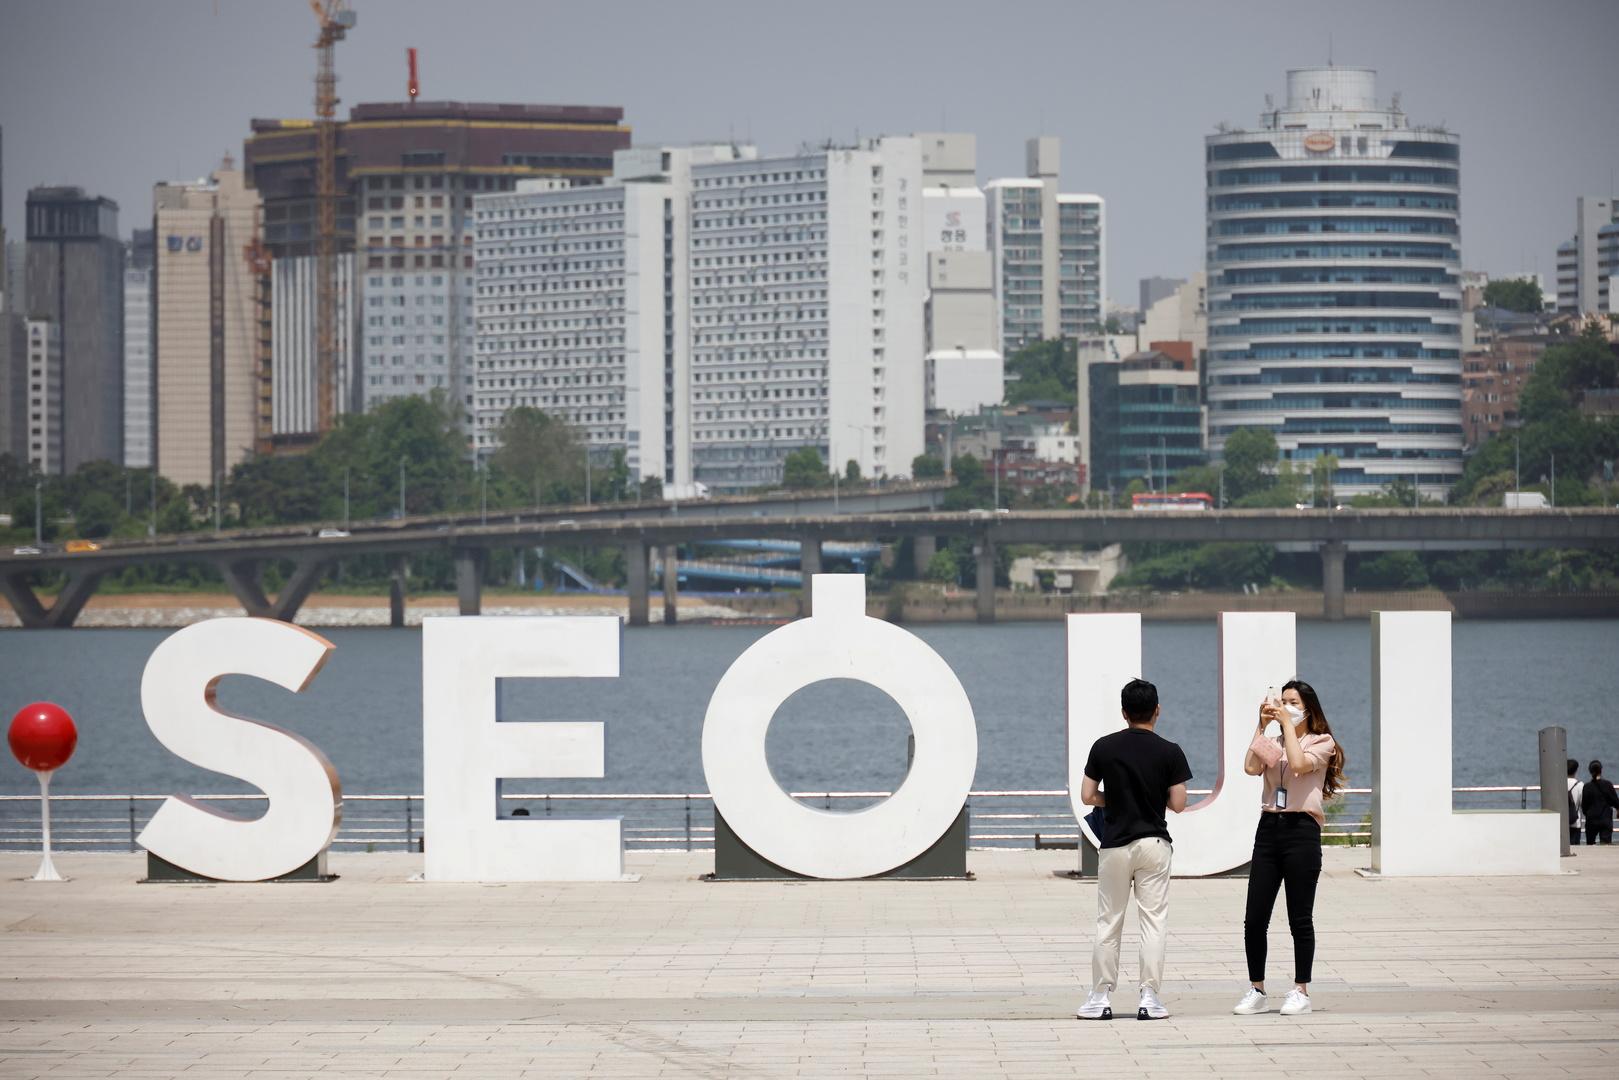 كوريا الجنوبية ترفع مستوى القيود في سيئول لأعلى درجة بعد رصد عدد قياسي لإصابات كورونا